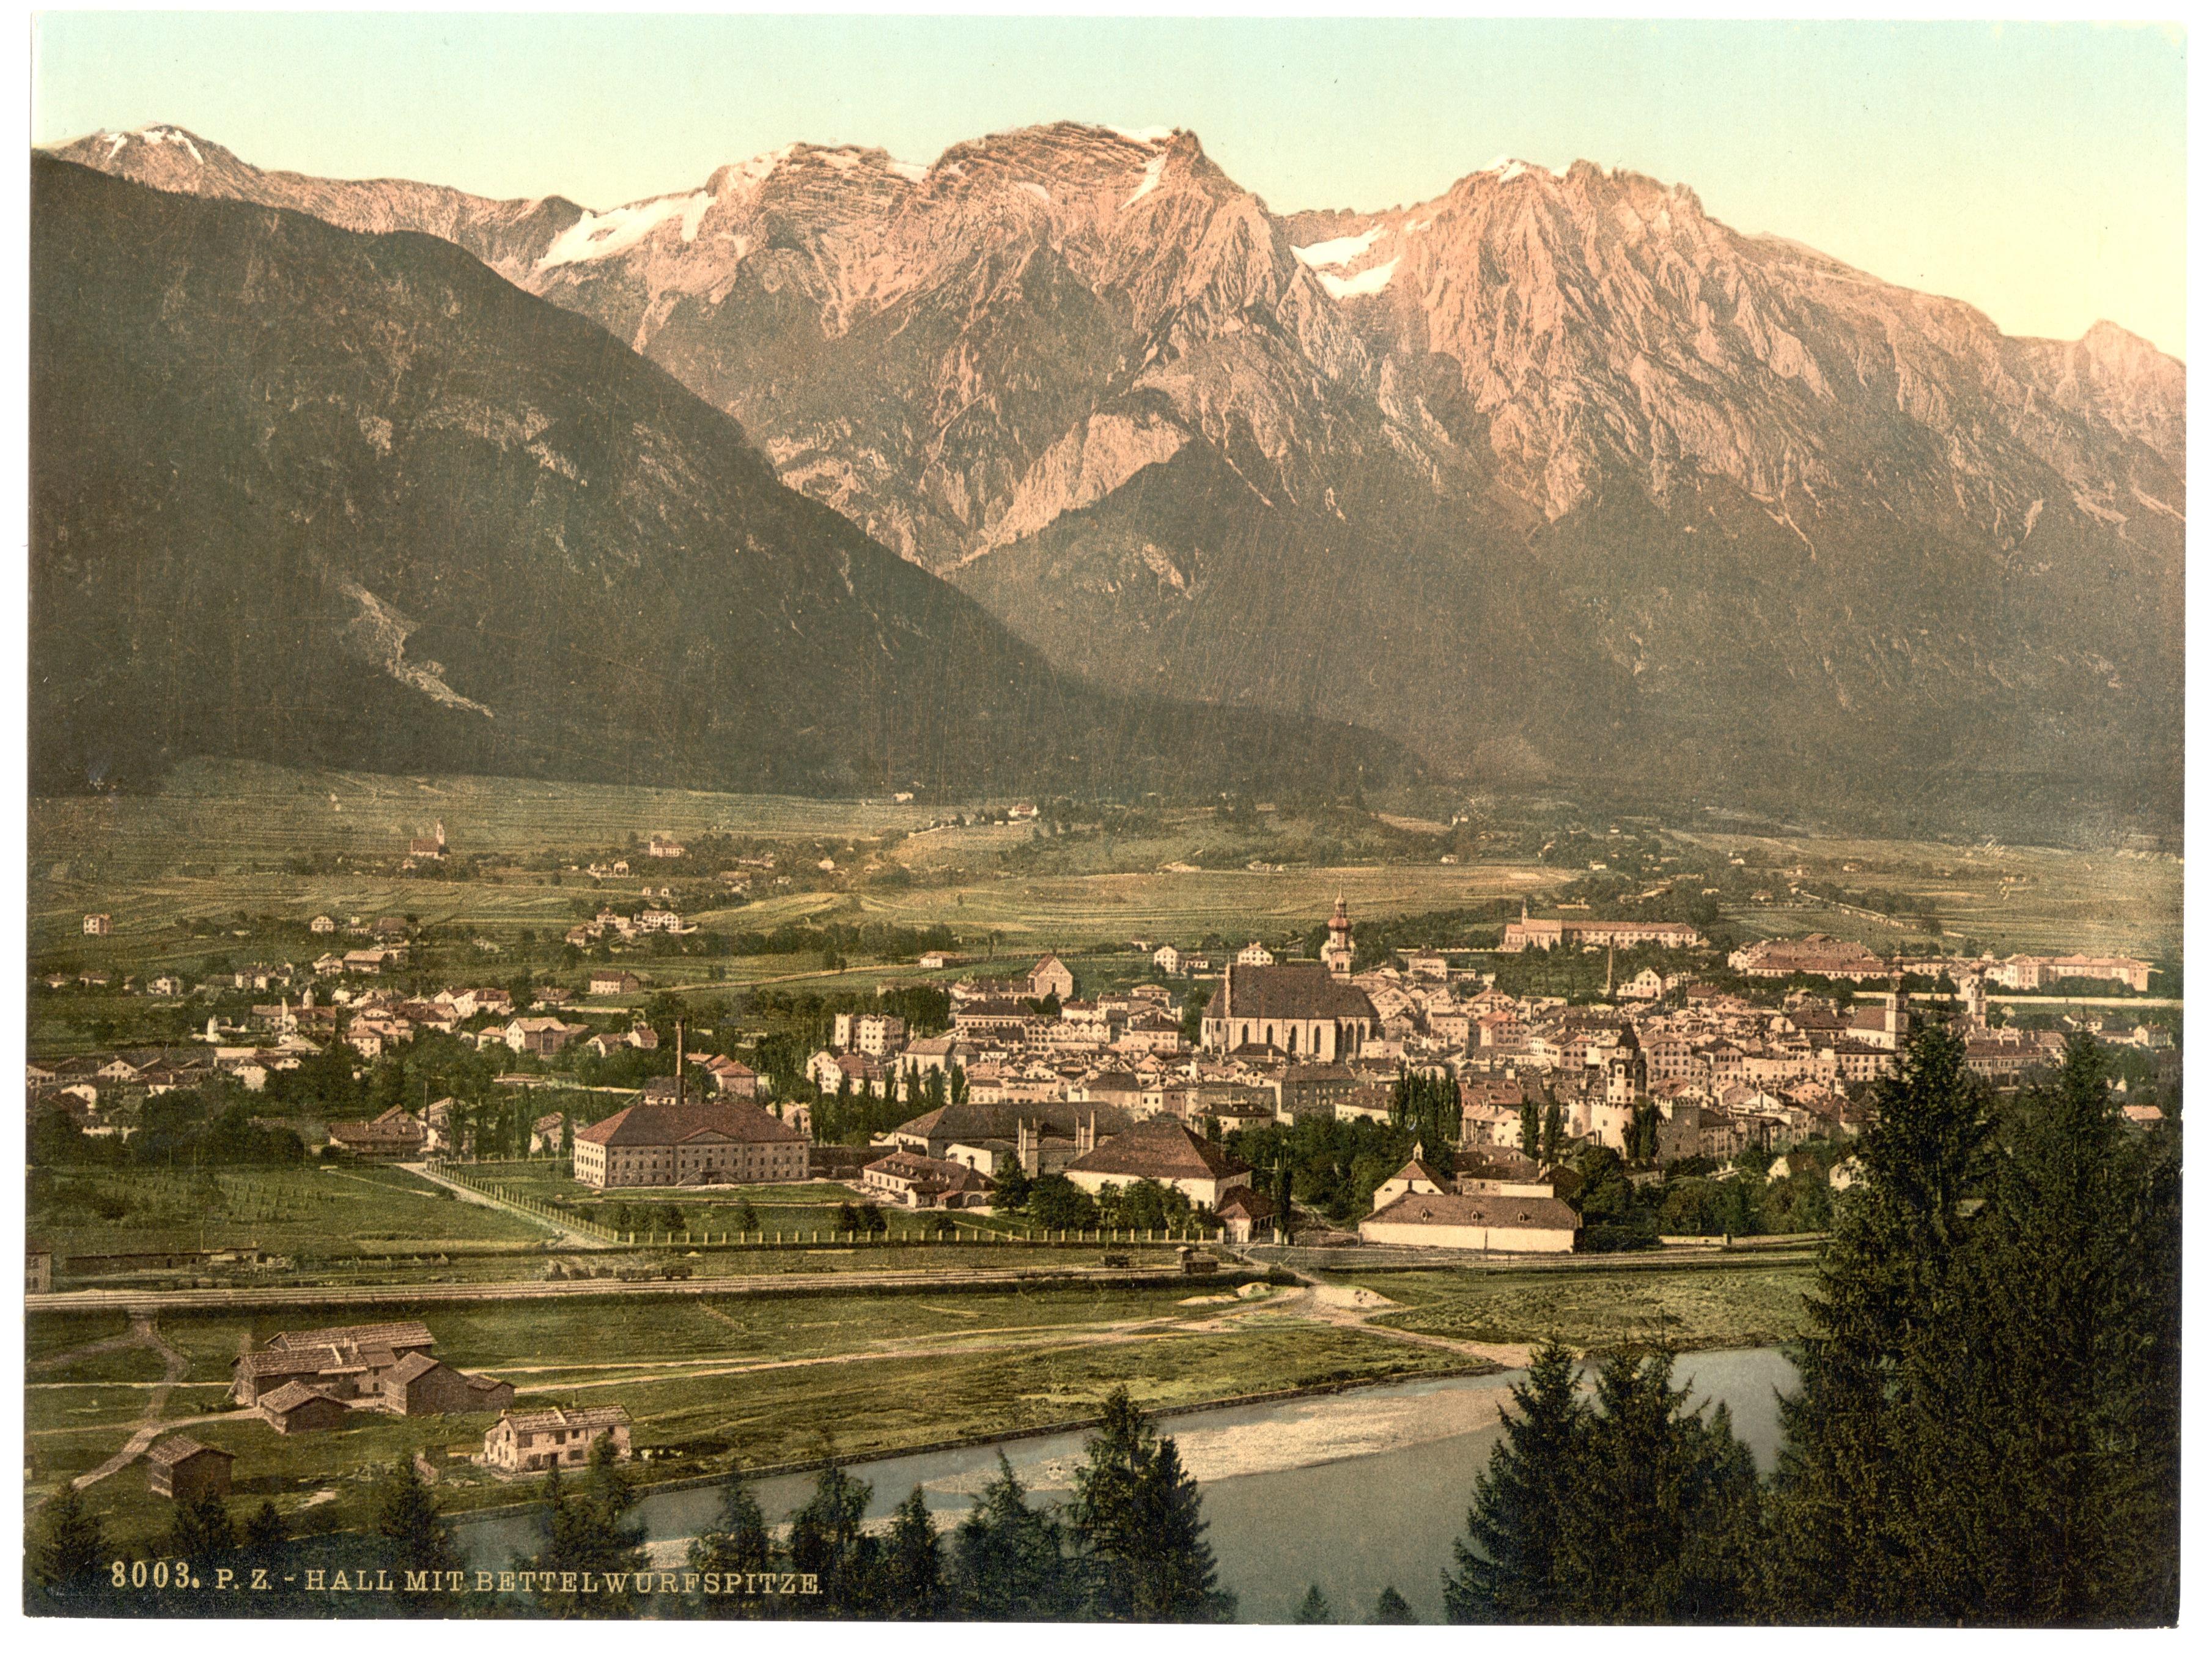 Hall in Tirol – Wikipedia